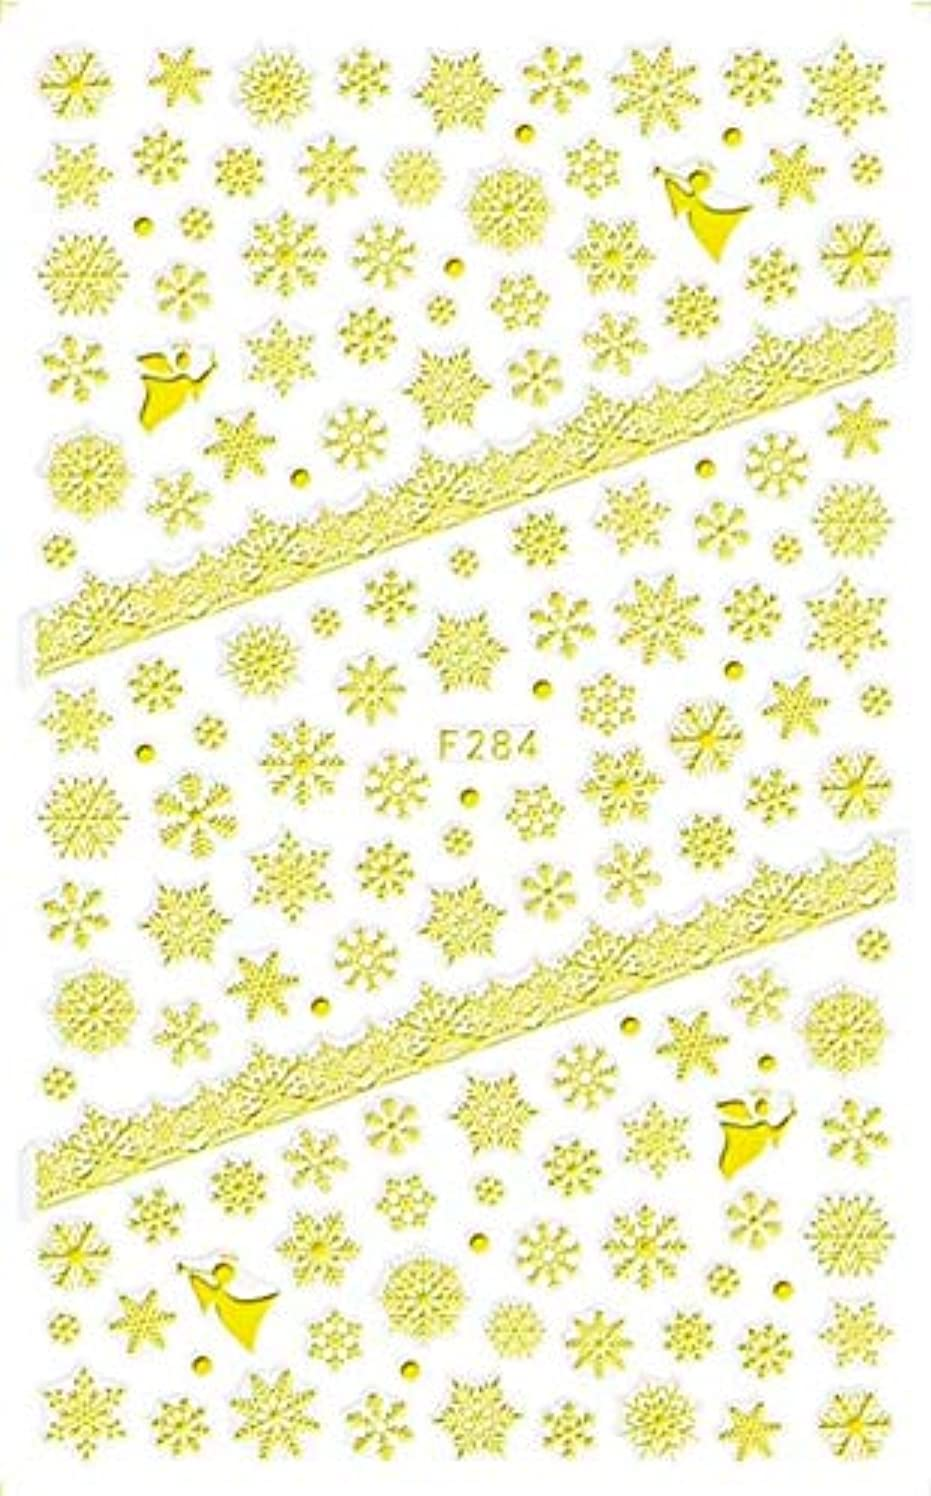 出費予算執着SUKTI&XIAO ネイルステッカー 1枚の釘のクリスマスの設計3D雪の花の釘のステッカーの青/黒/白/銀/金の付着力の押す釘の装飾、F284金